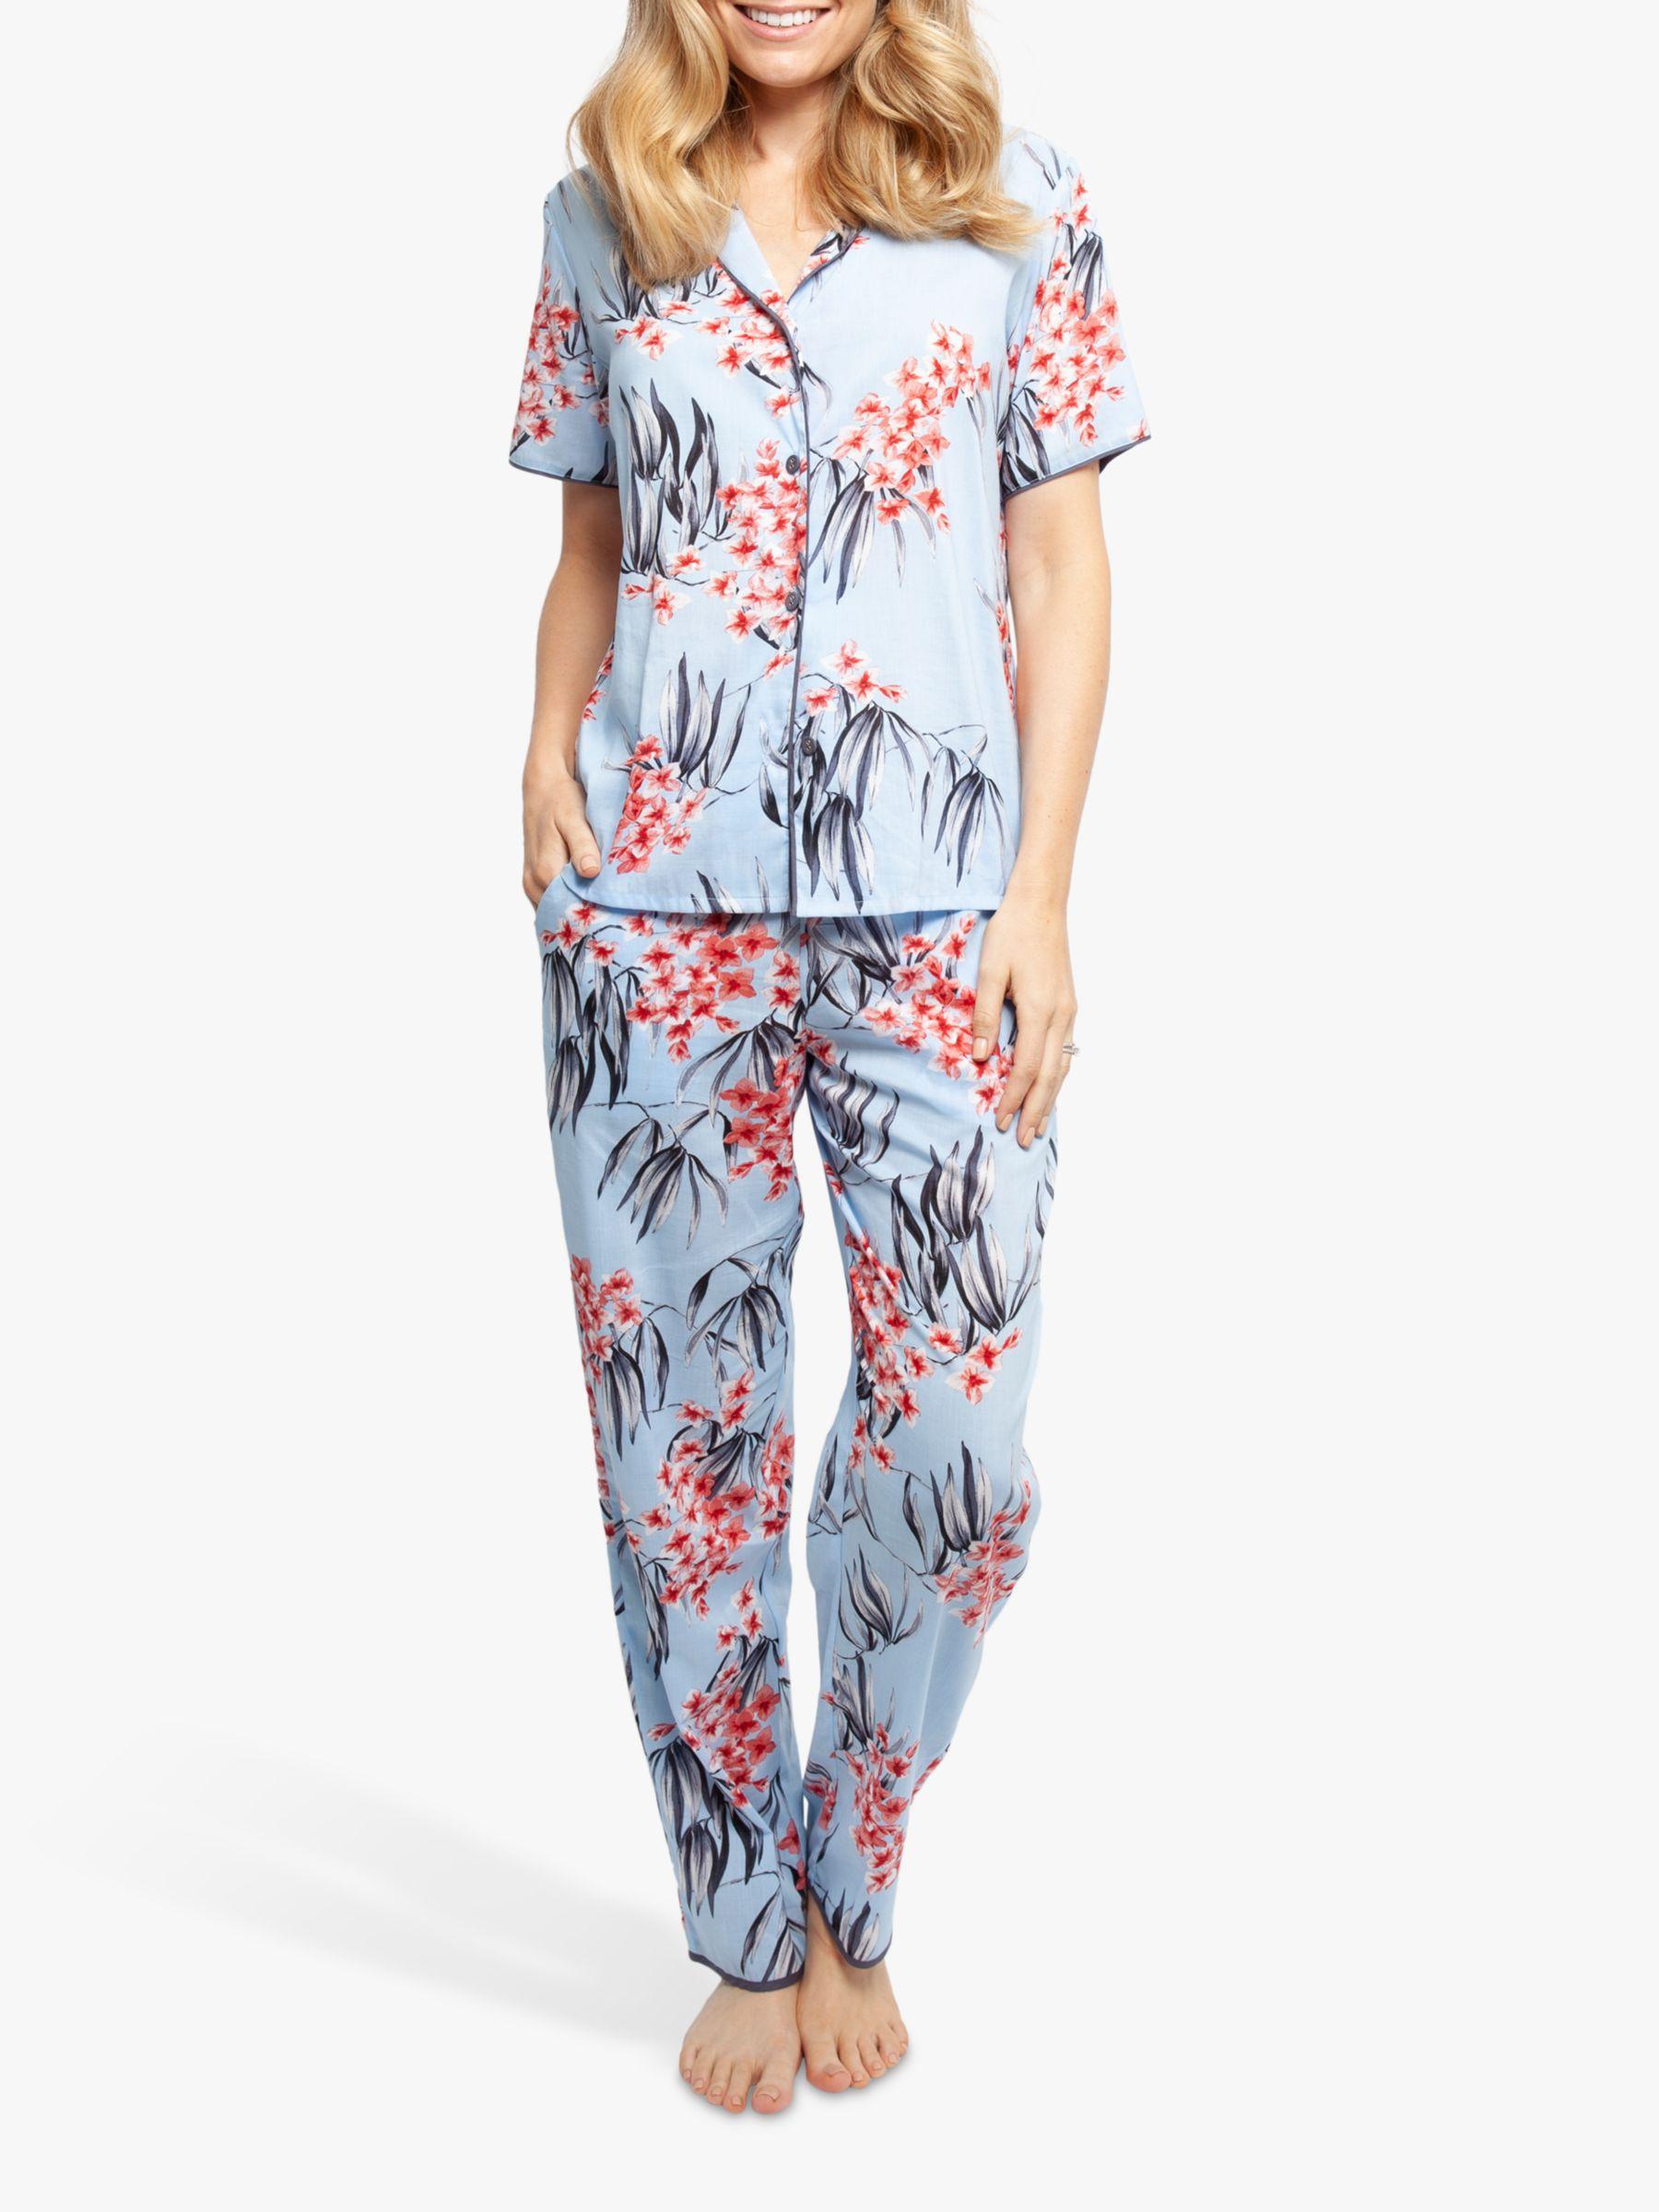 Cyberjammies Cyberjammies Olivia Floral Print Pyjama Bottoms, Blue